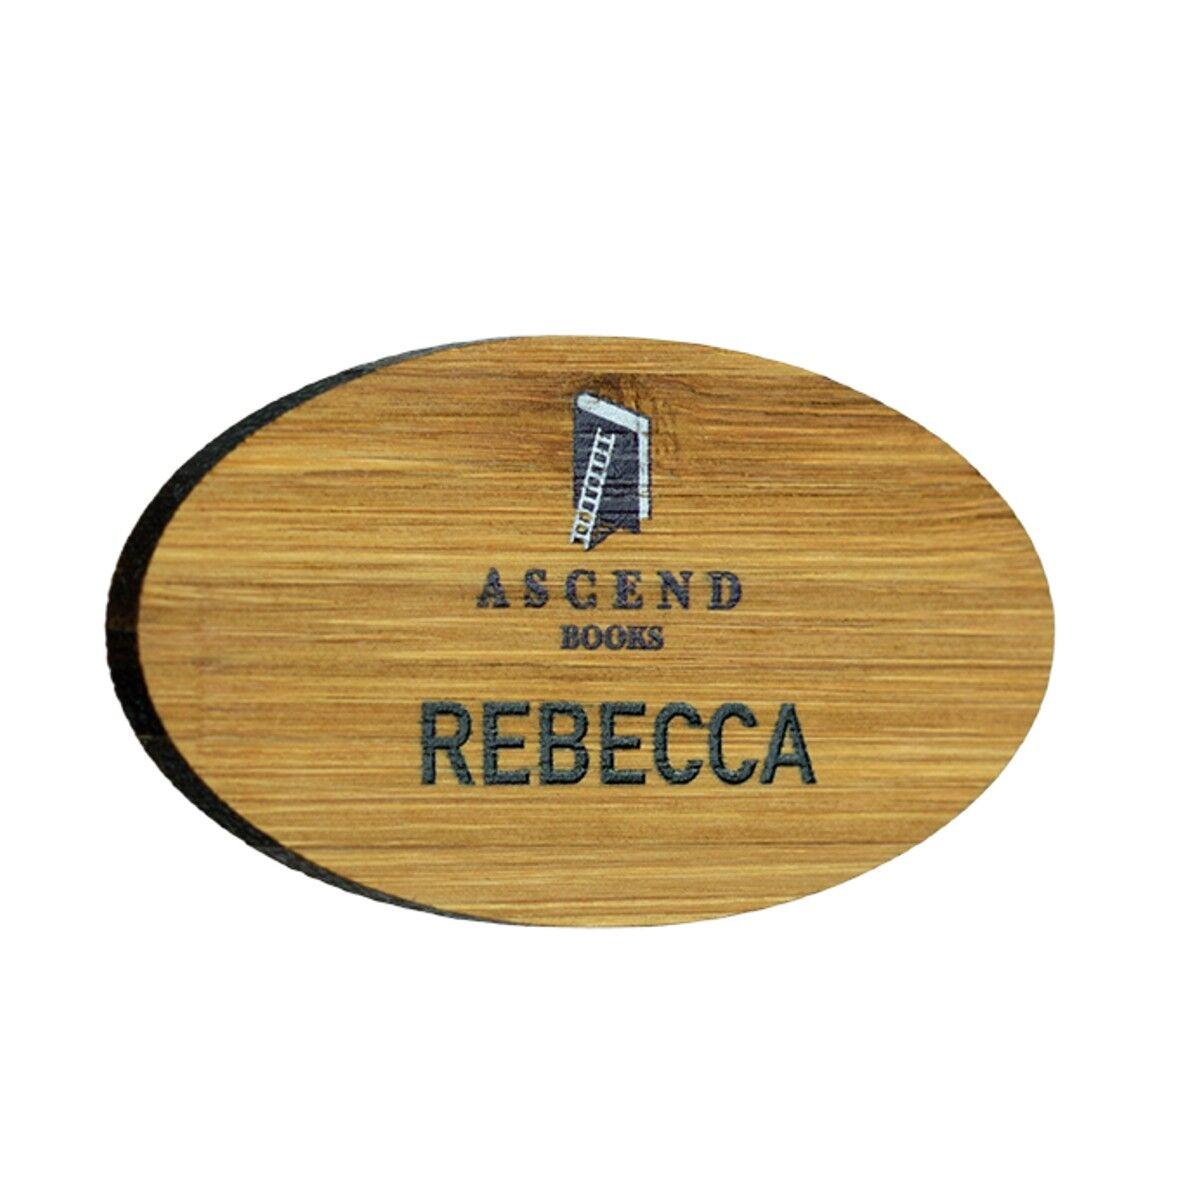 Sustainable Wood Name Badges oval shape